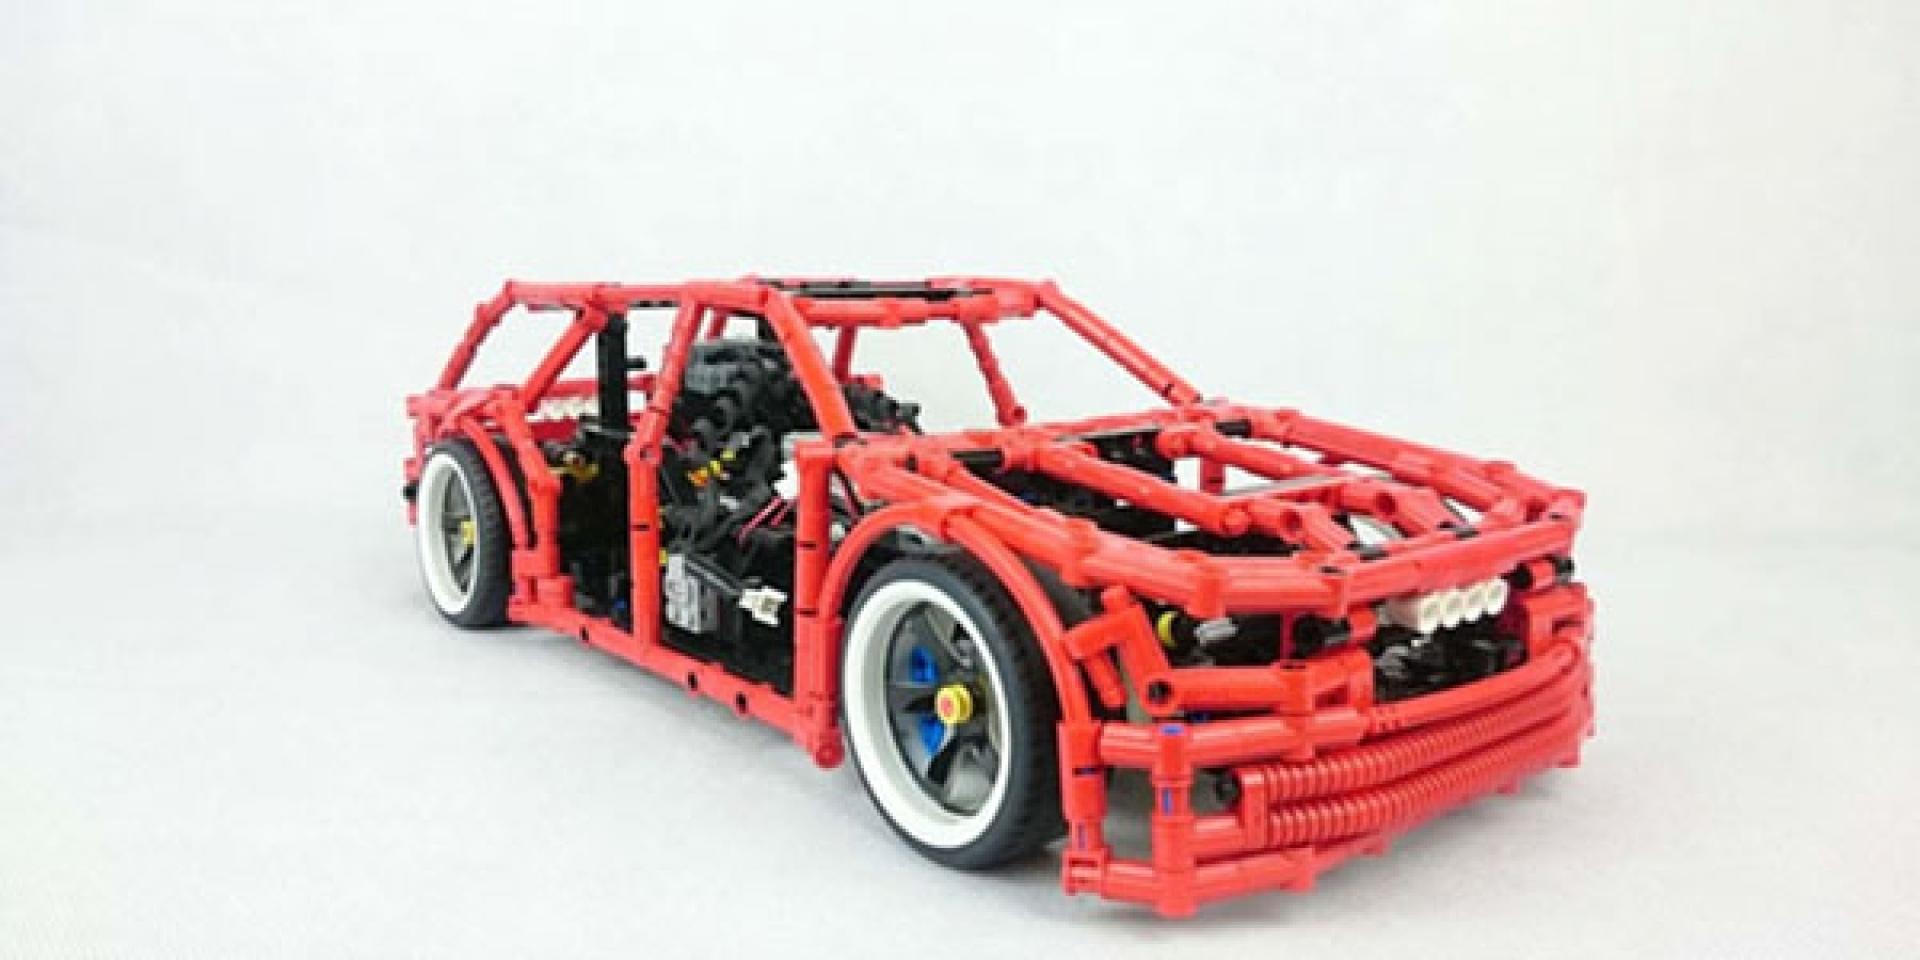 開車甩尾不稀奇,LEGO飄移才過癮!自製手煞車裝置樂高模型車